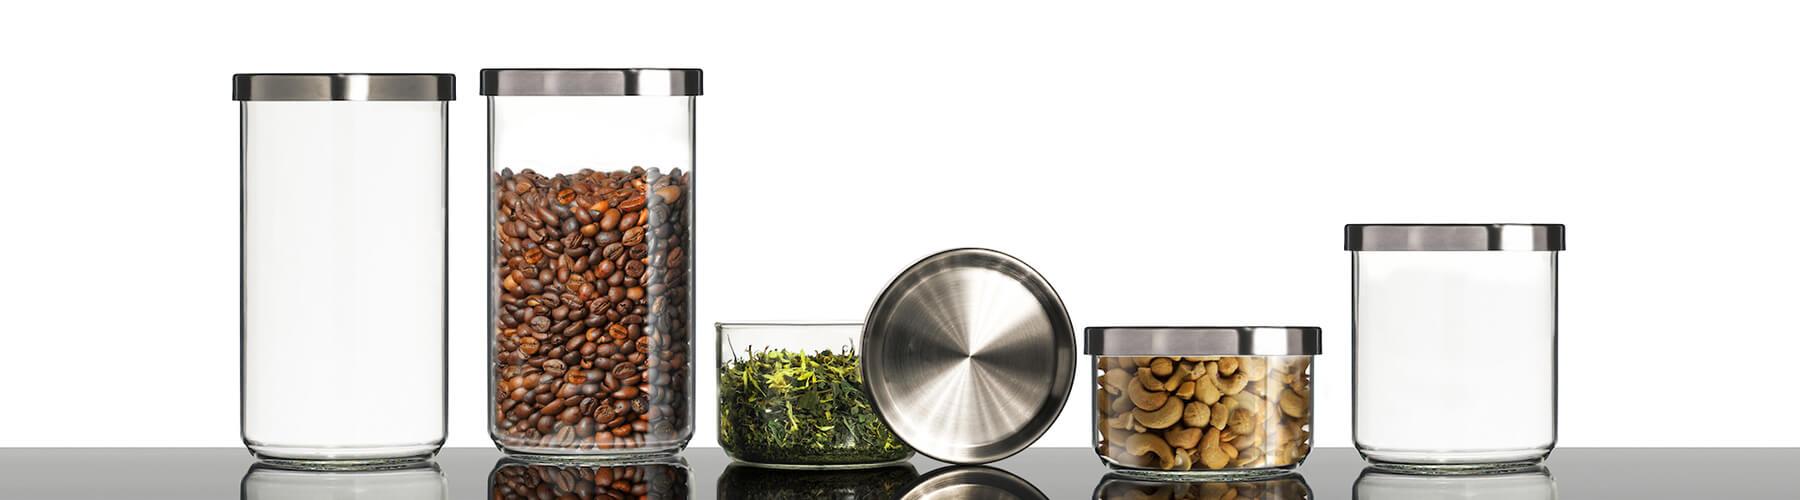 Gläser Aufbewahrungsboxen aufbewahrungsboxen aus glas glasdosen und weckgläser glasklar berlin